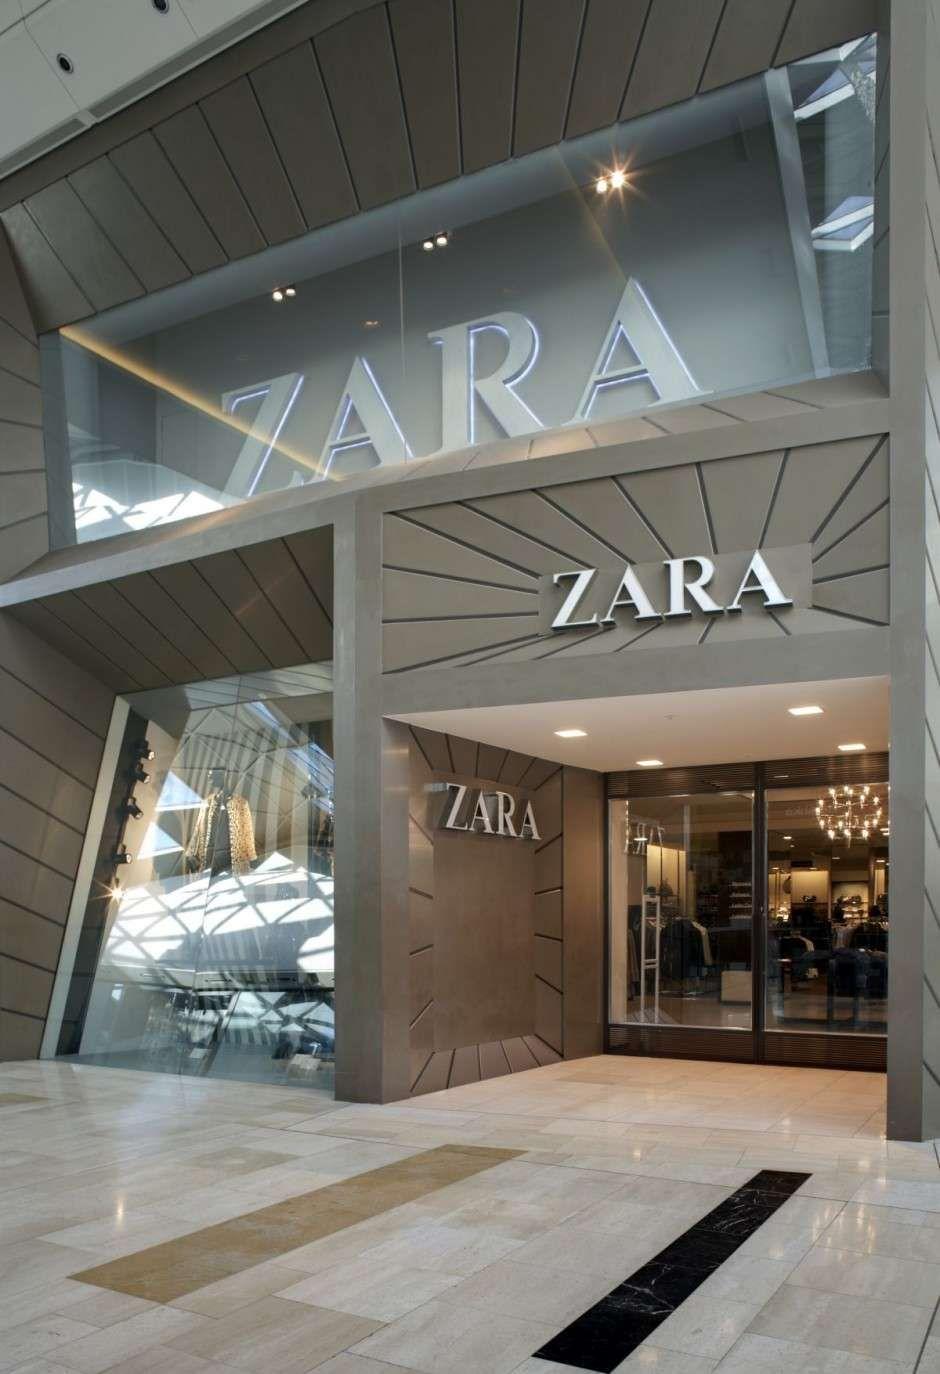 Zara facade.  67e179cb3f